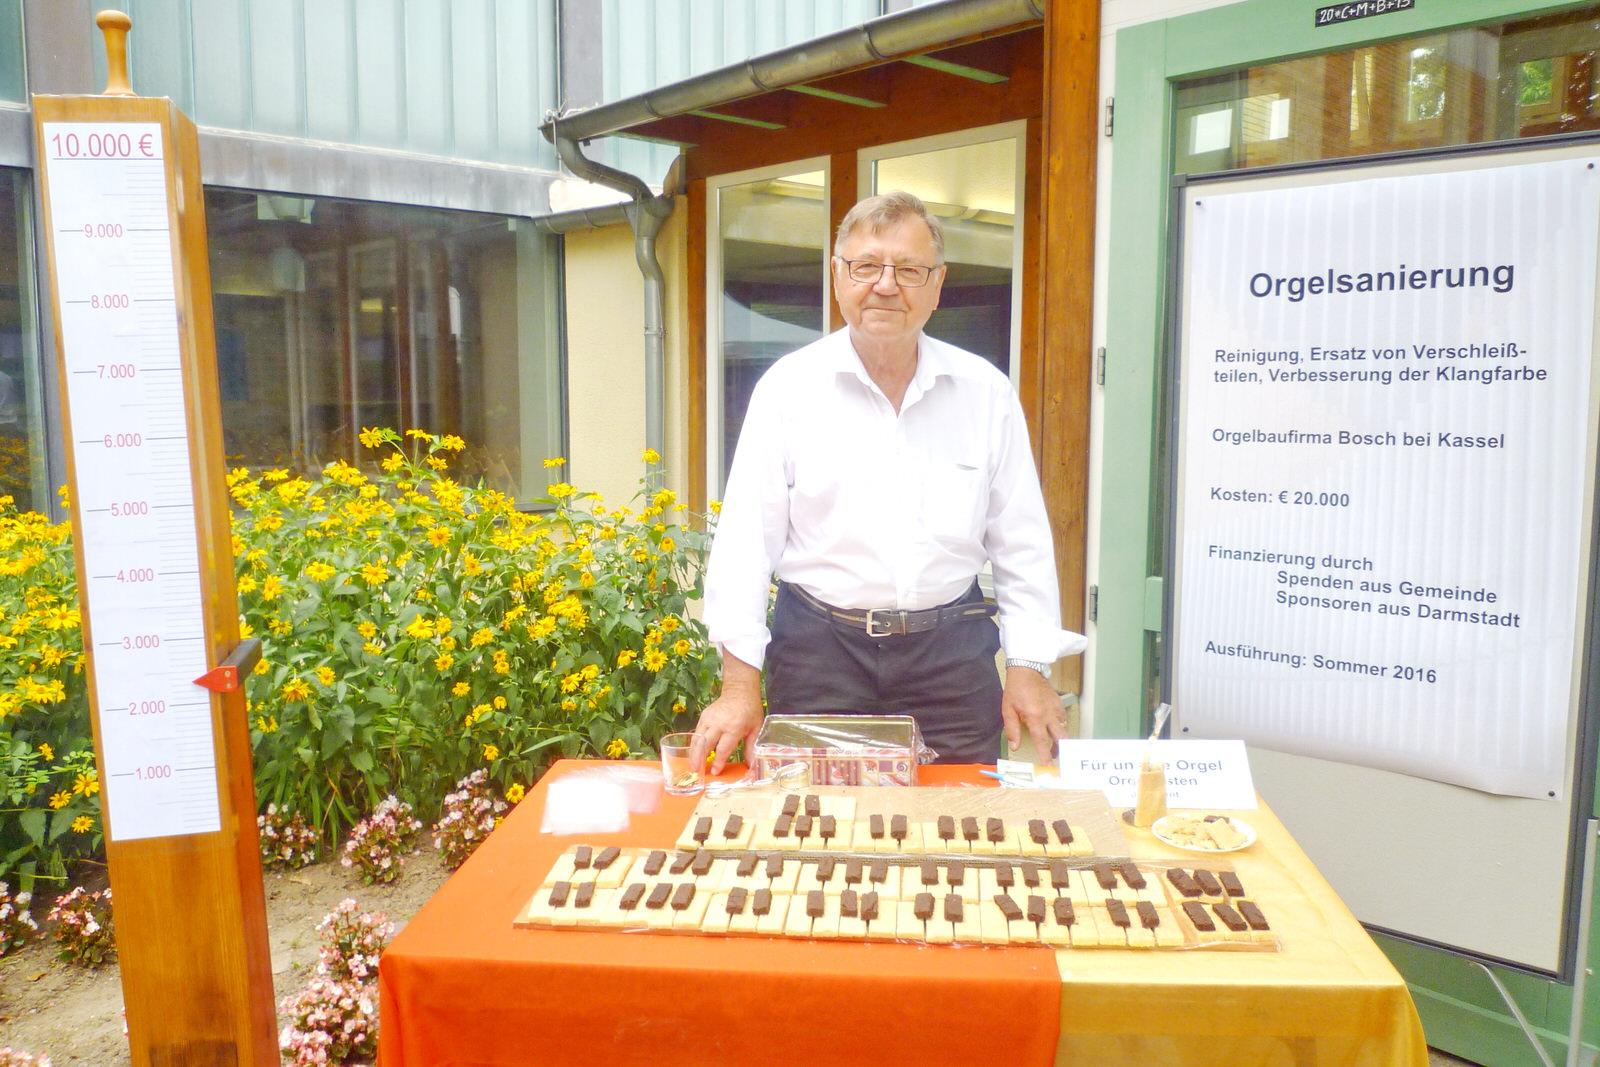 Fundraising-Aktion zur Orgelsanierung in Arheilgen